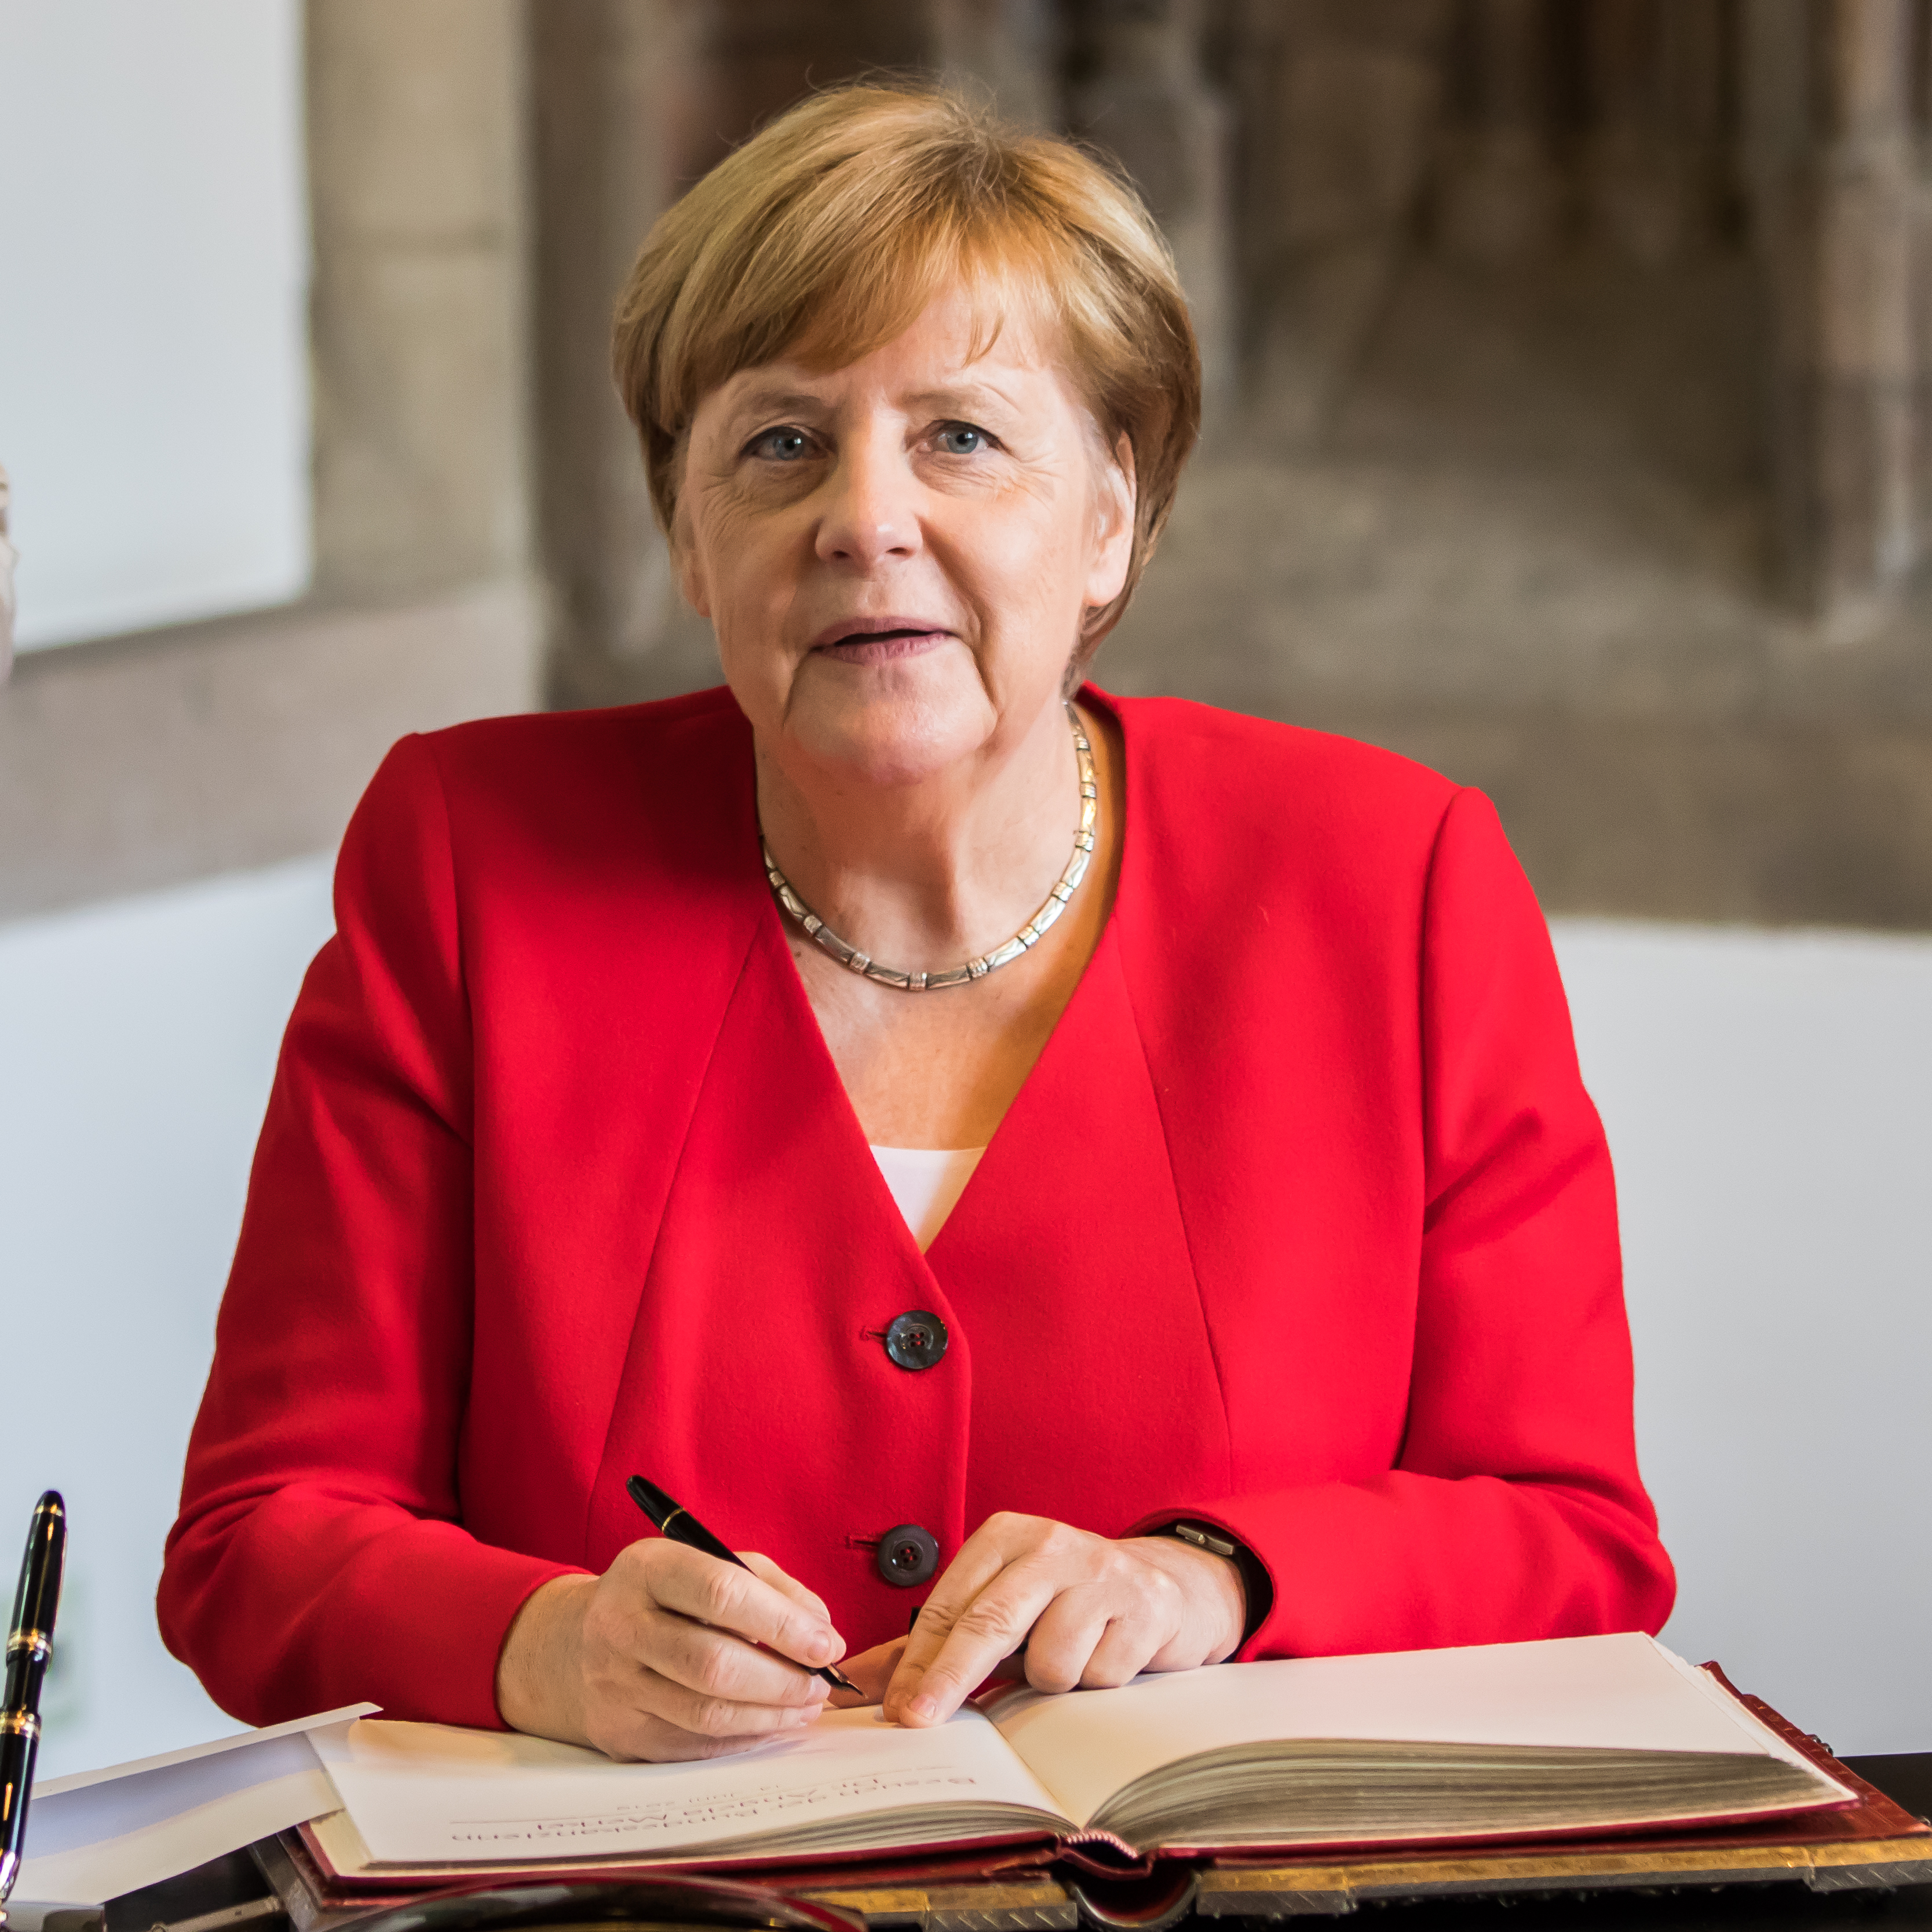 Besuch Bundeskanzlerin Angela Merkel im Rathaus Köln, © Raimond Spekking